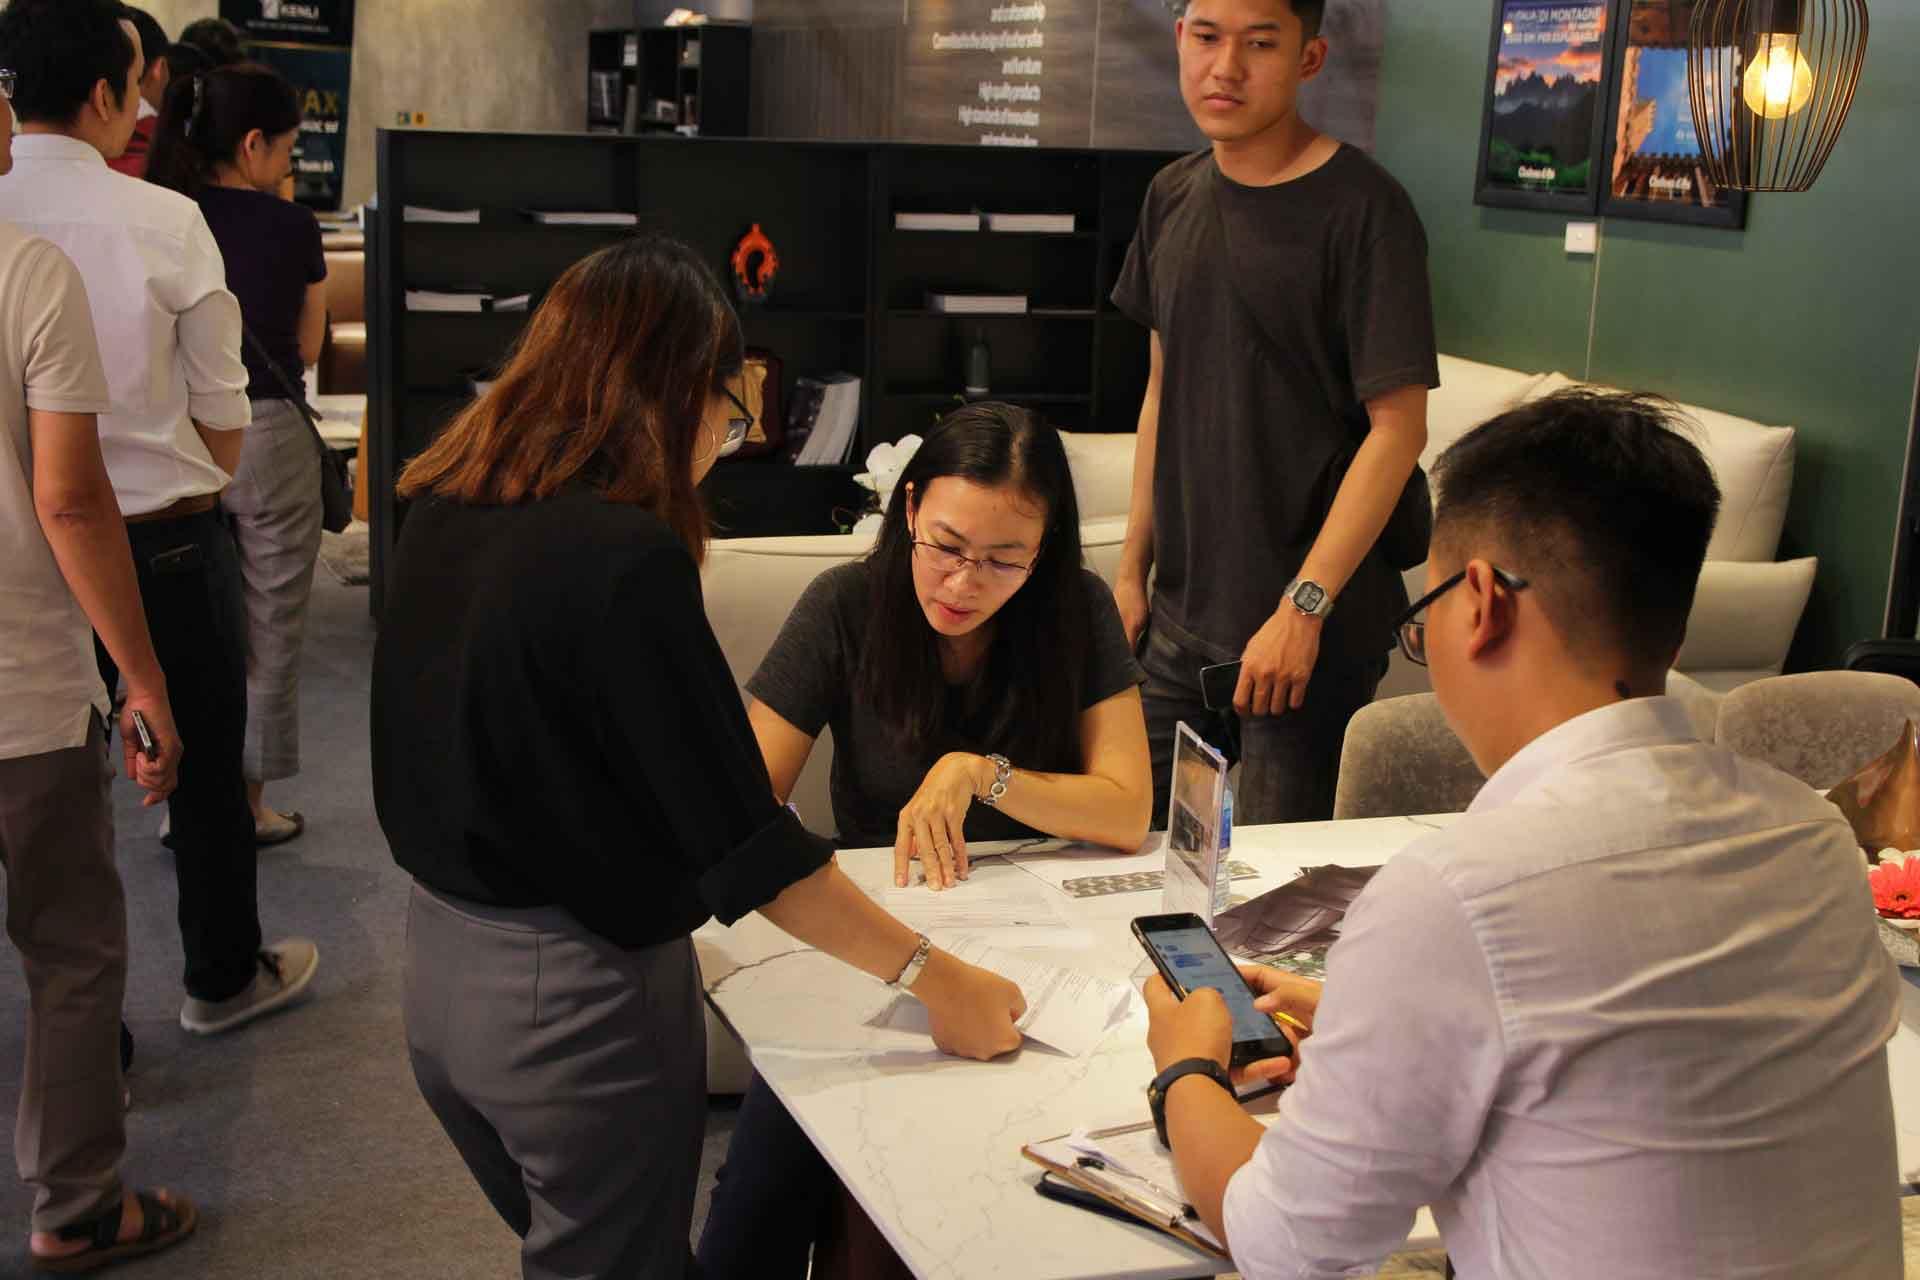 ký đơn hàng ngay tại triển lãm